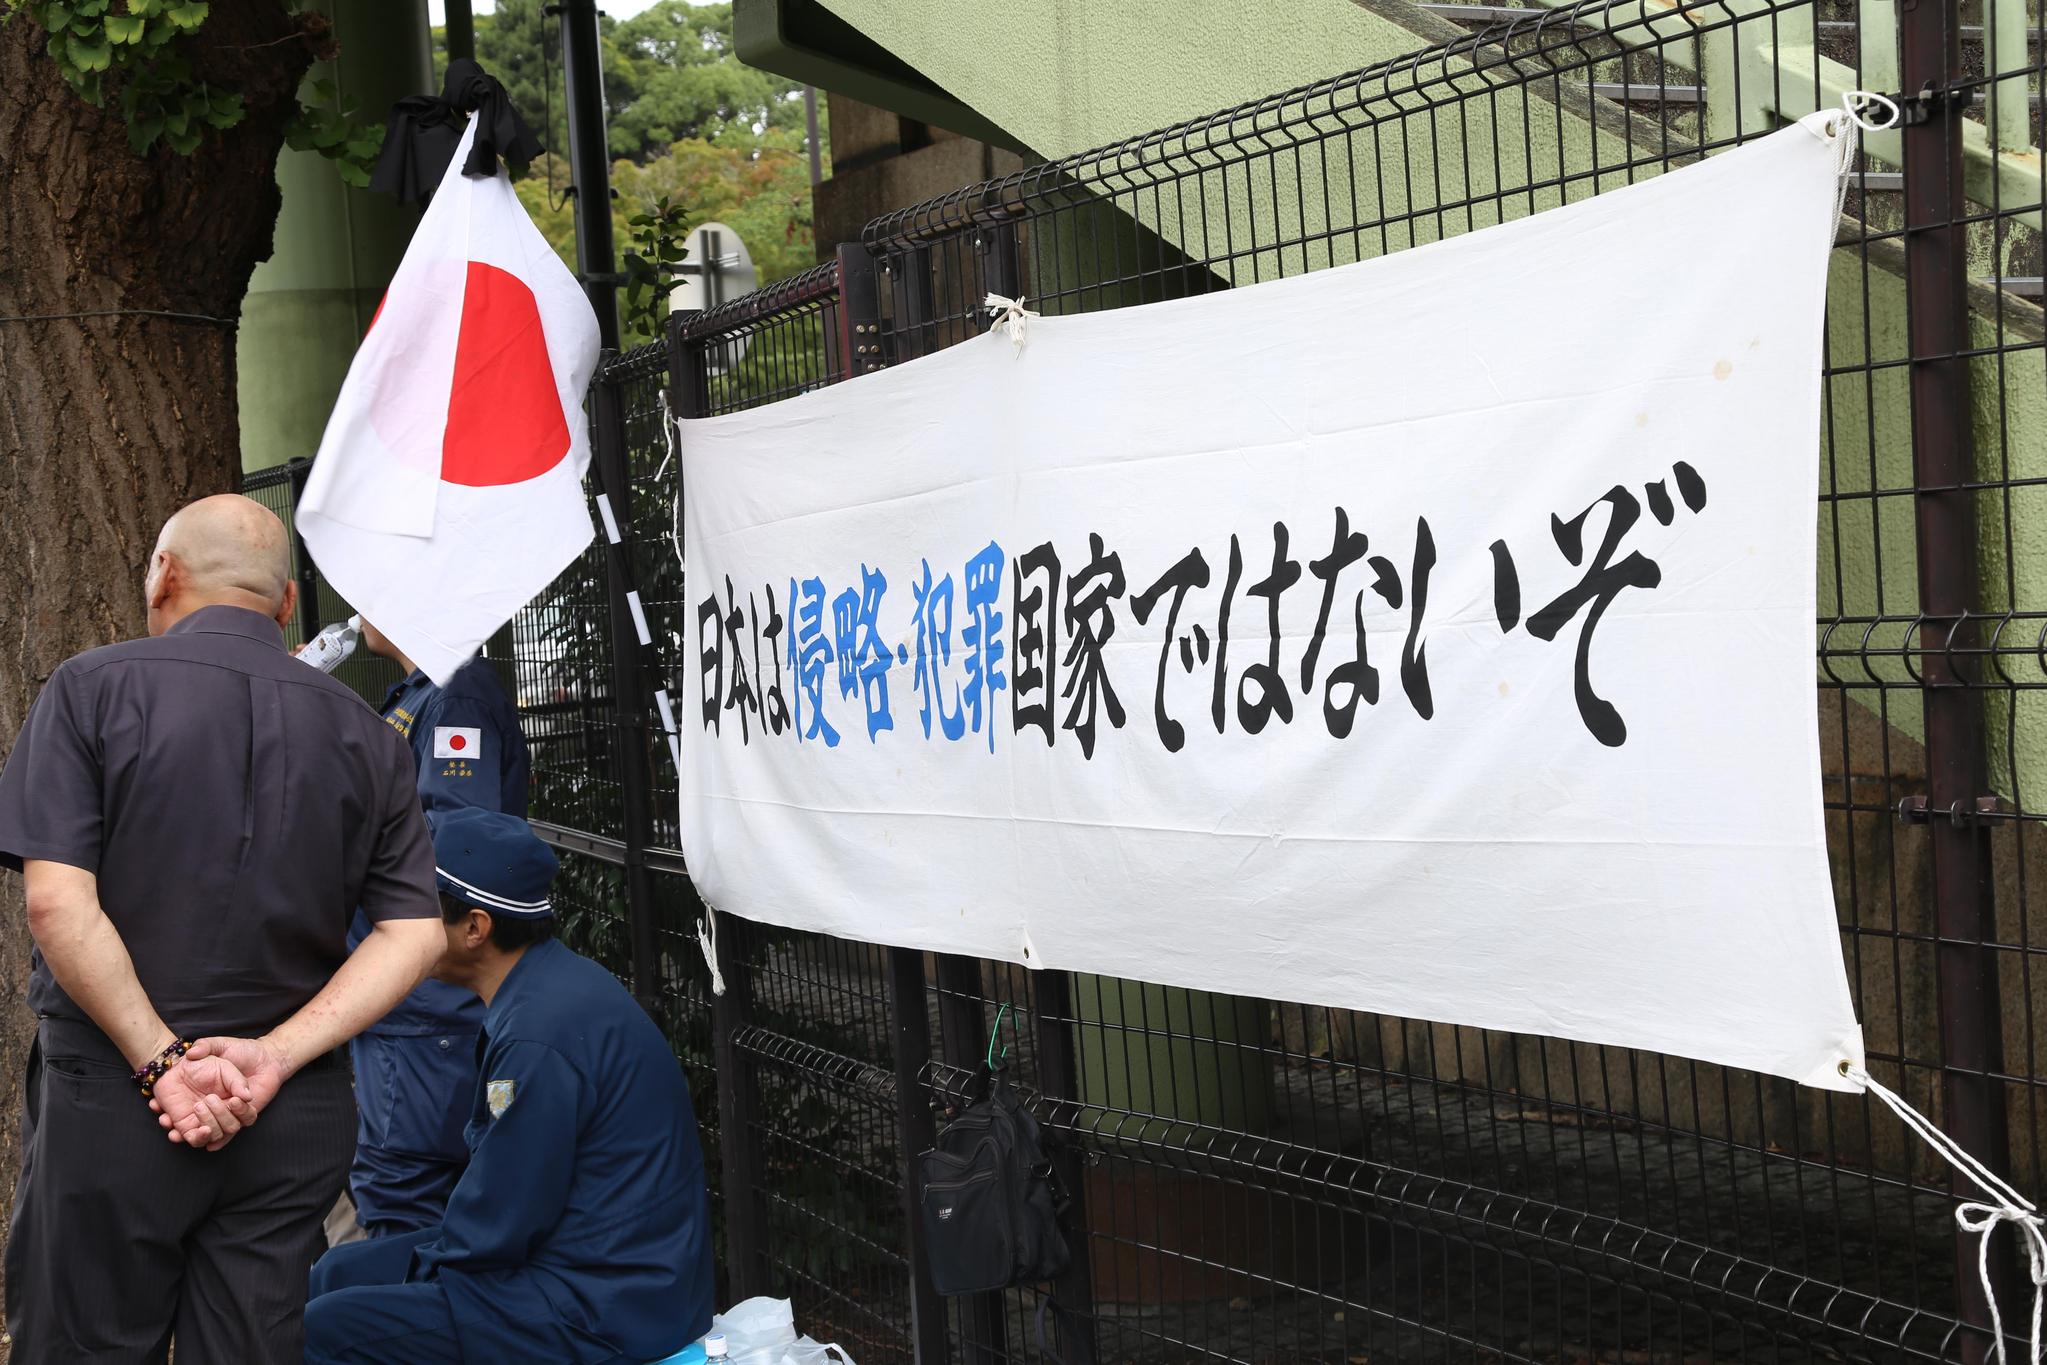 15일 A급 전범들이 합사된 일제 침략전쟁의 상징 야스쿠니(靖國) 신사 앞에 '일본은 침략·범죄 국가가 아니다'는 내용의 플래카드가 걸려있다.[연합뉴스]